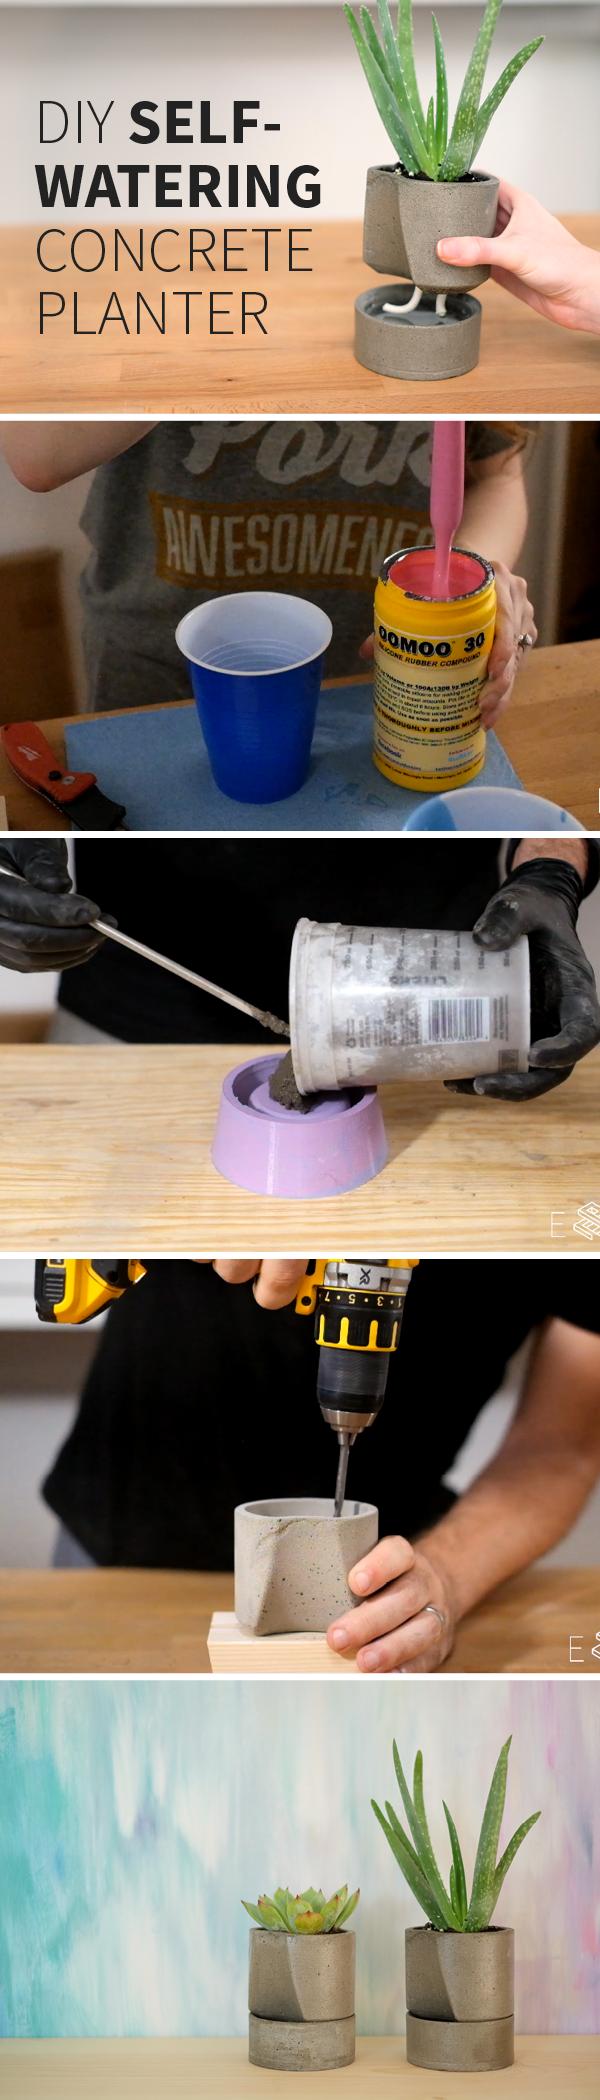 DIY Self Watering Concrete Planter